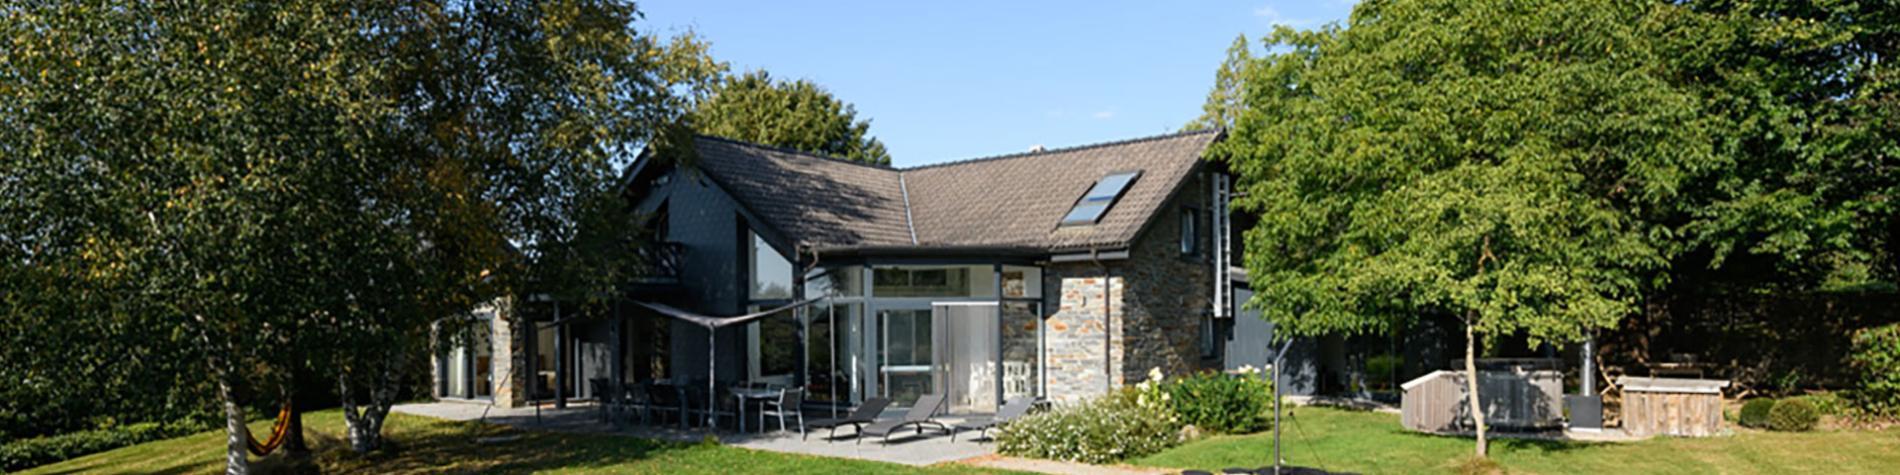 Le Coup de coeur de Marie - Gîte rural - Robertville - Ovifat - Terrasse du Bayehon